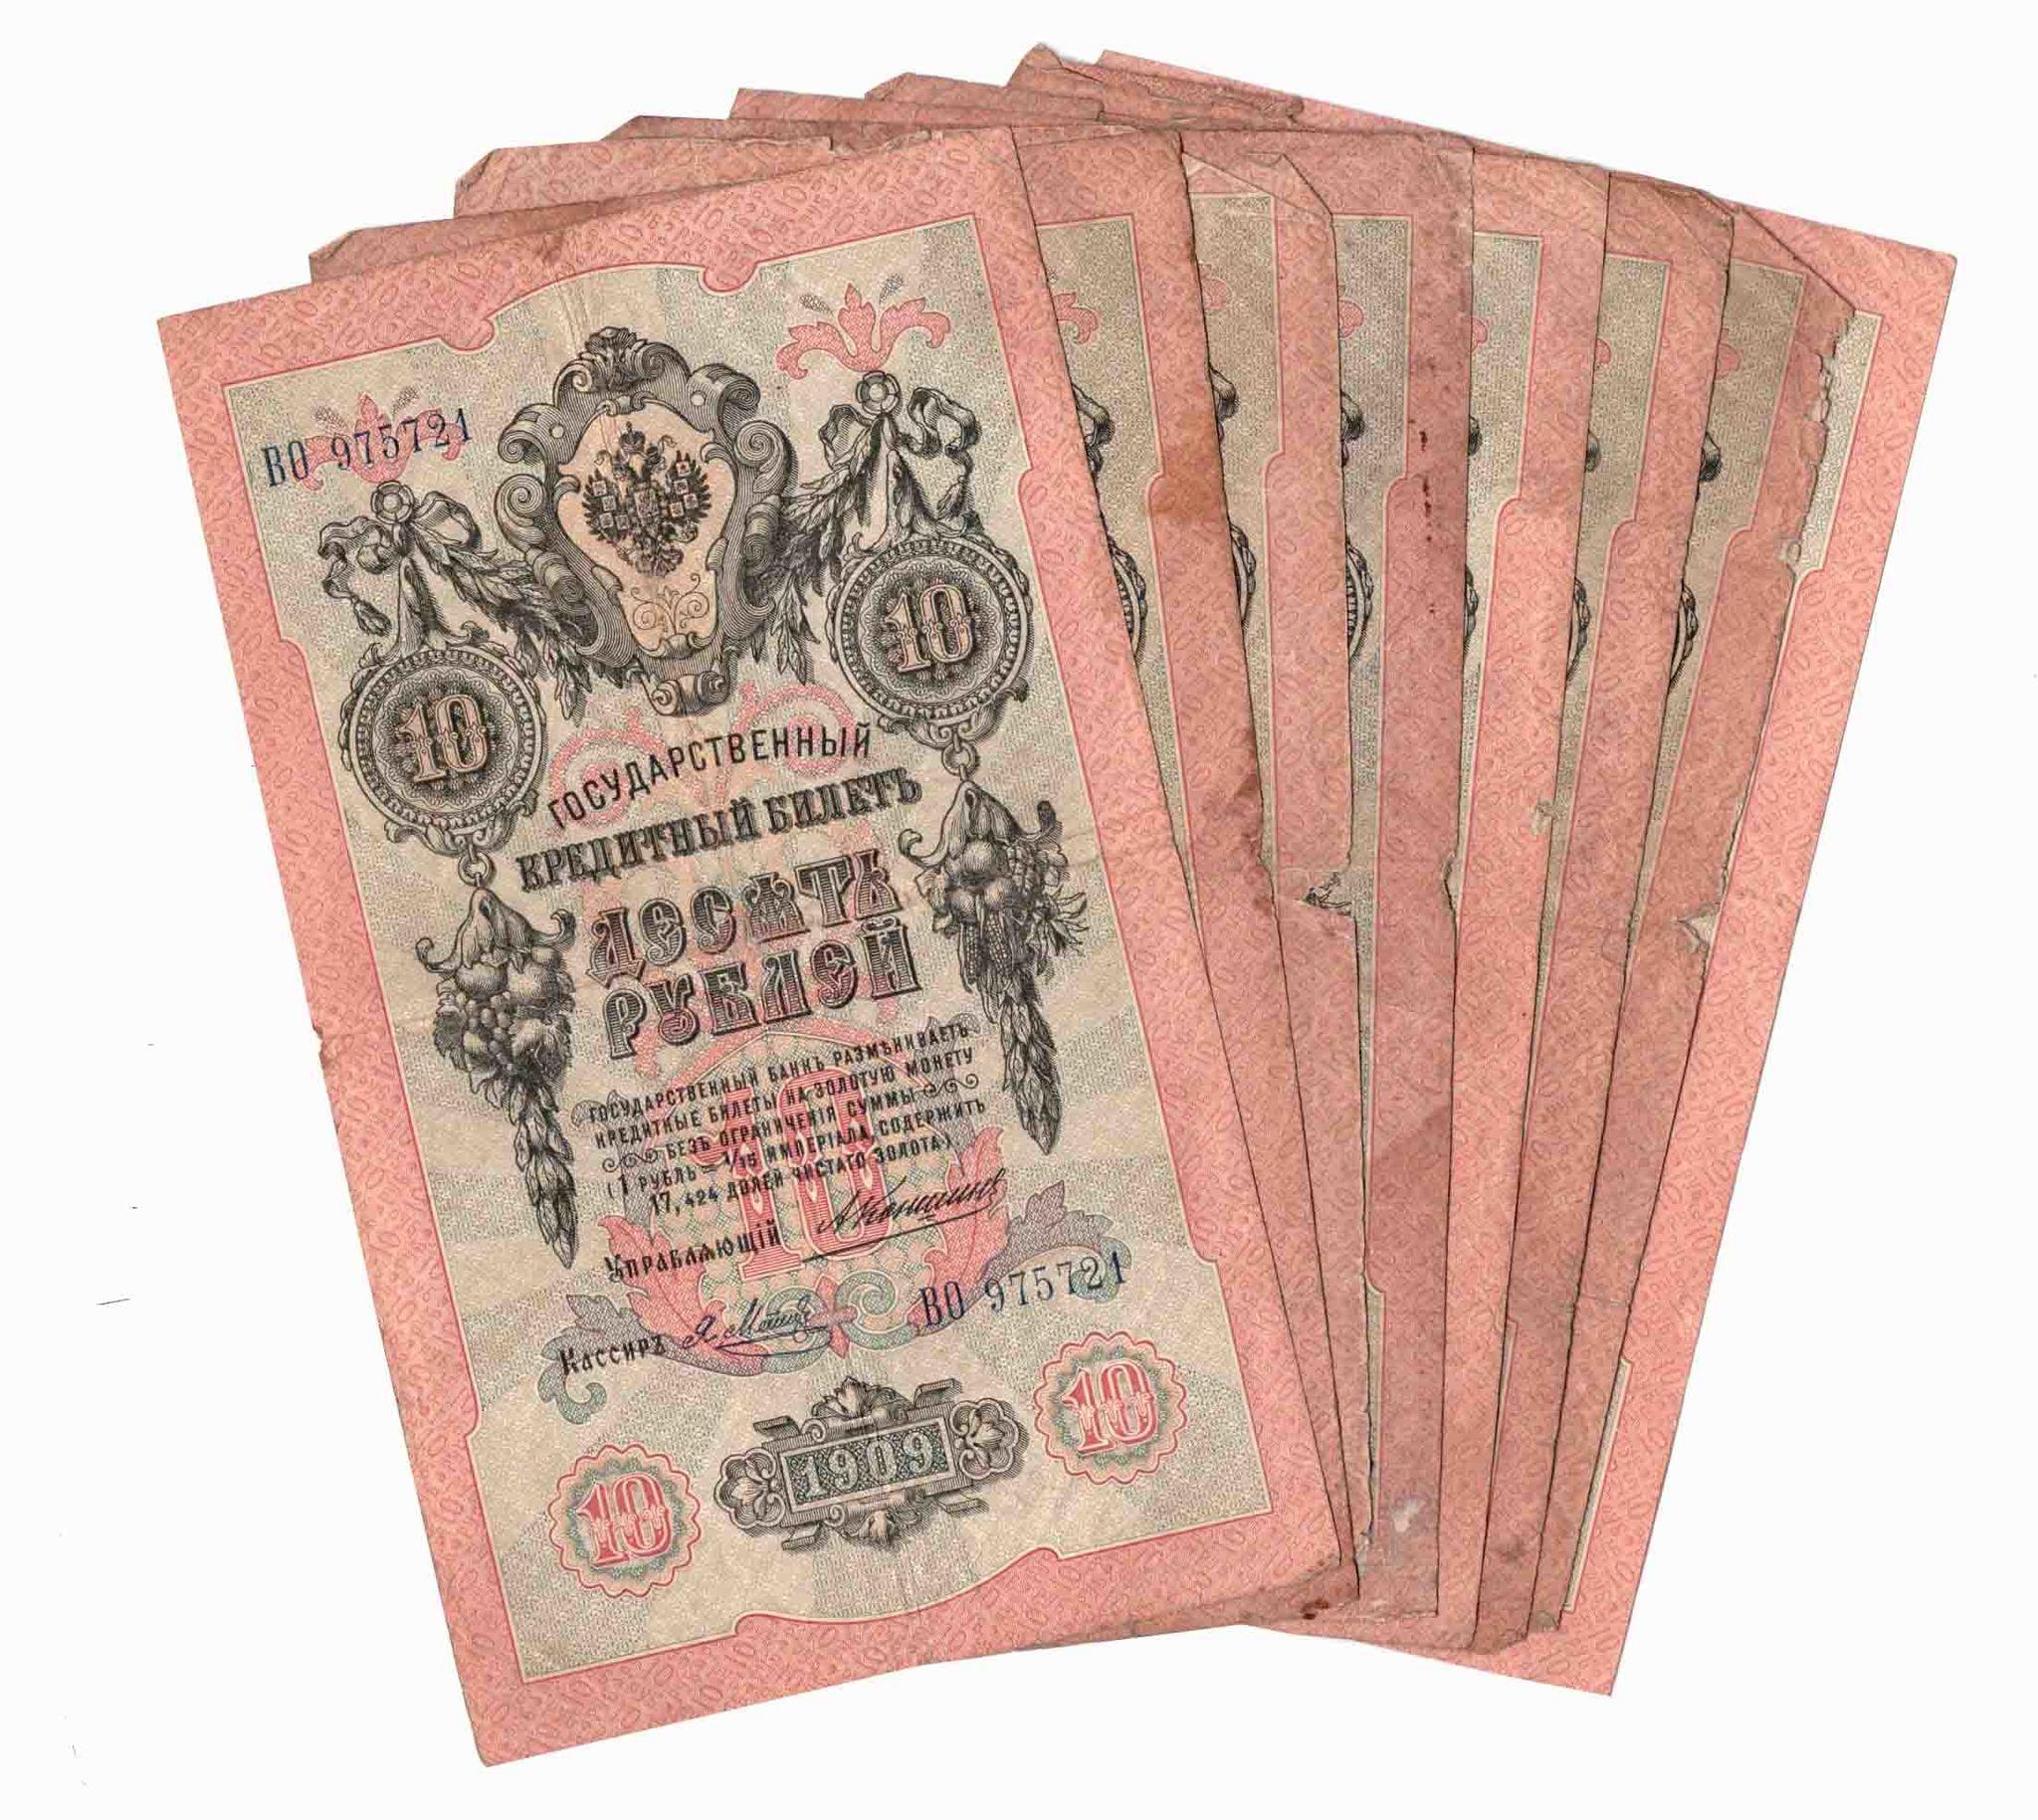 Набор из 8 кредитных билетов 10 рублей 1909 года. Управляющий А.В. Коншин. Набор кассиров.